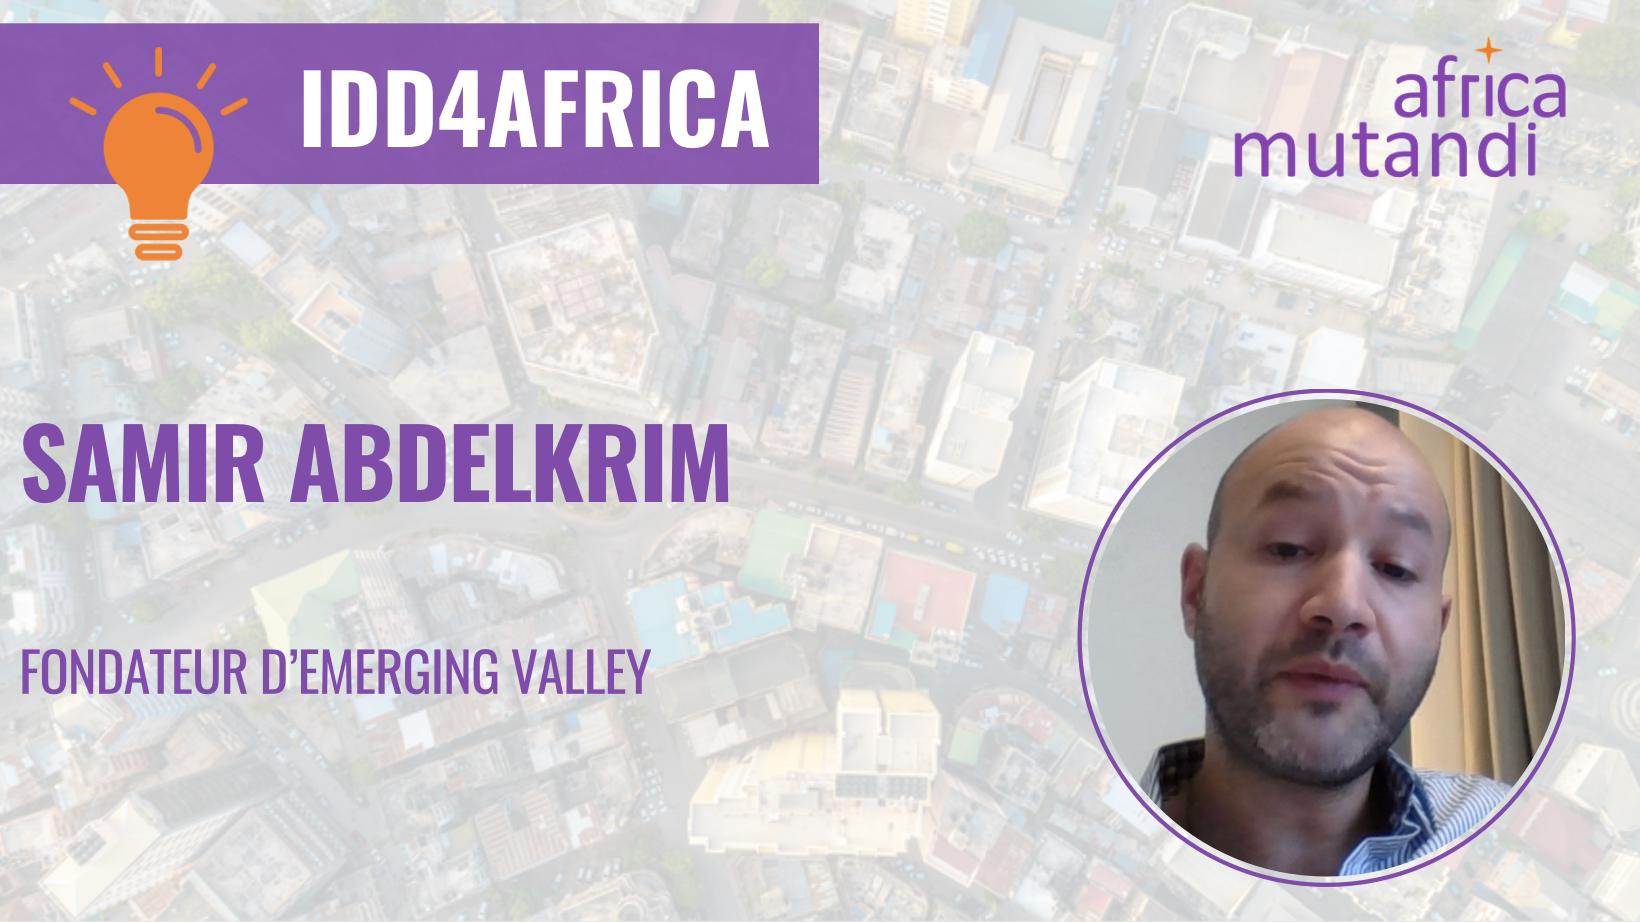 Retrouvez la visionde Samir Abdelkrim sur les leviers d'accélération des ODD en Afrique